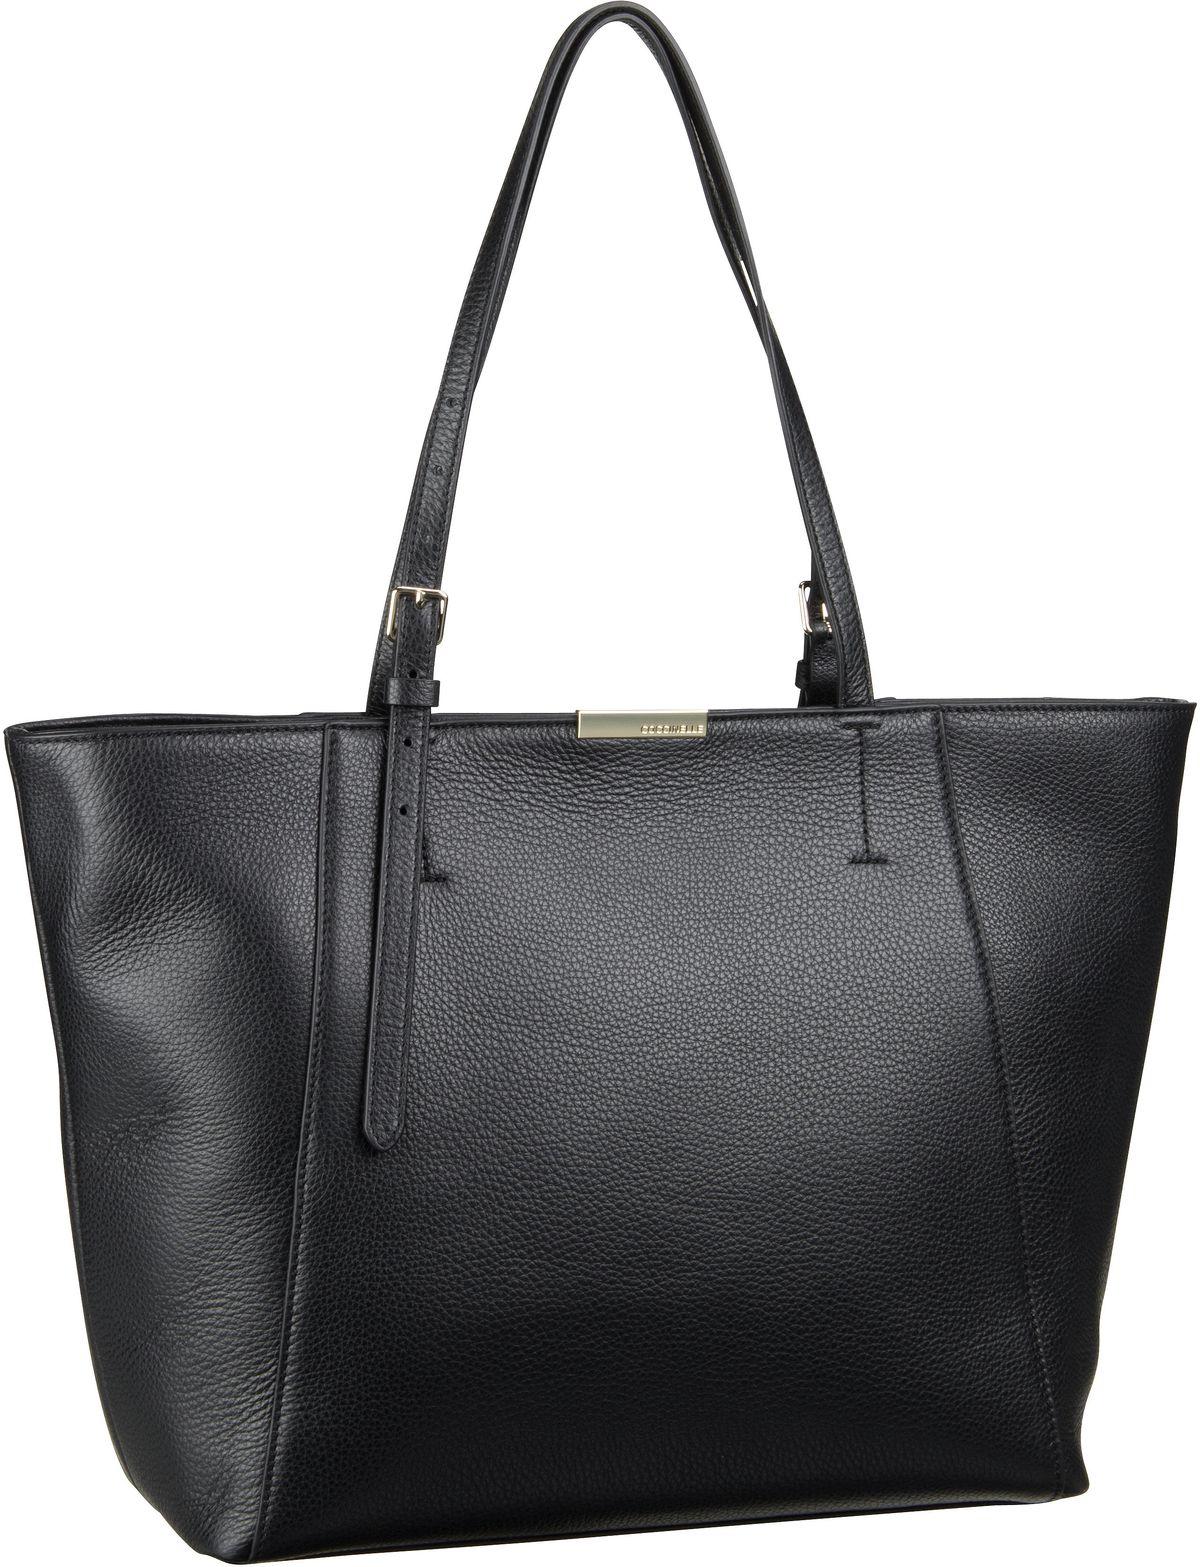 Handtasche Cher 1101 Nero